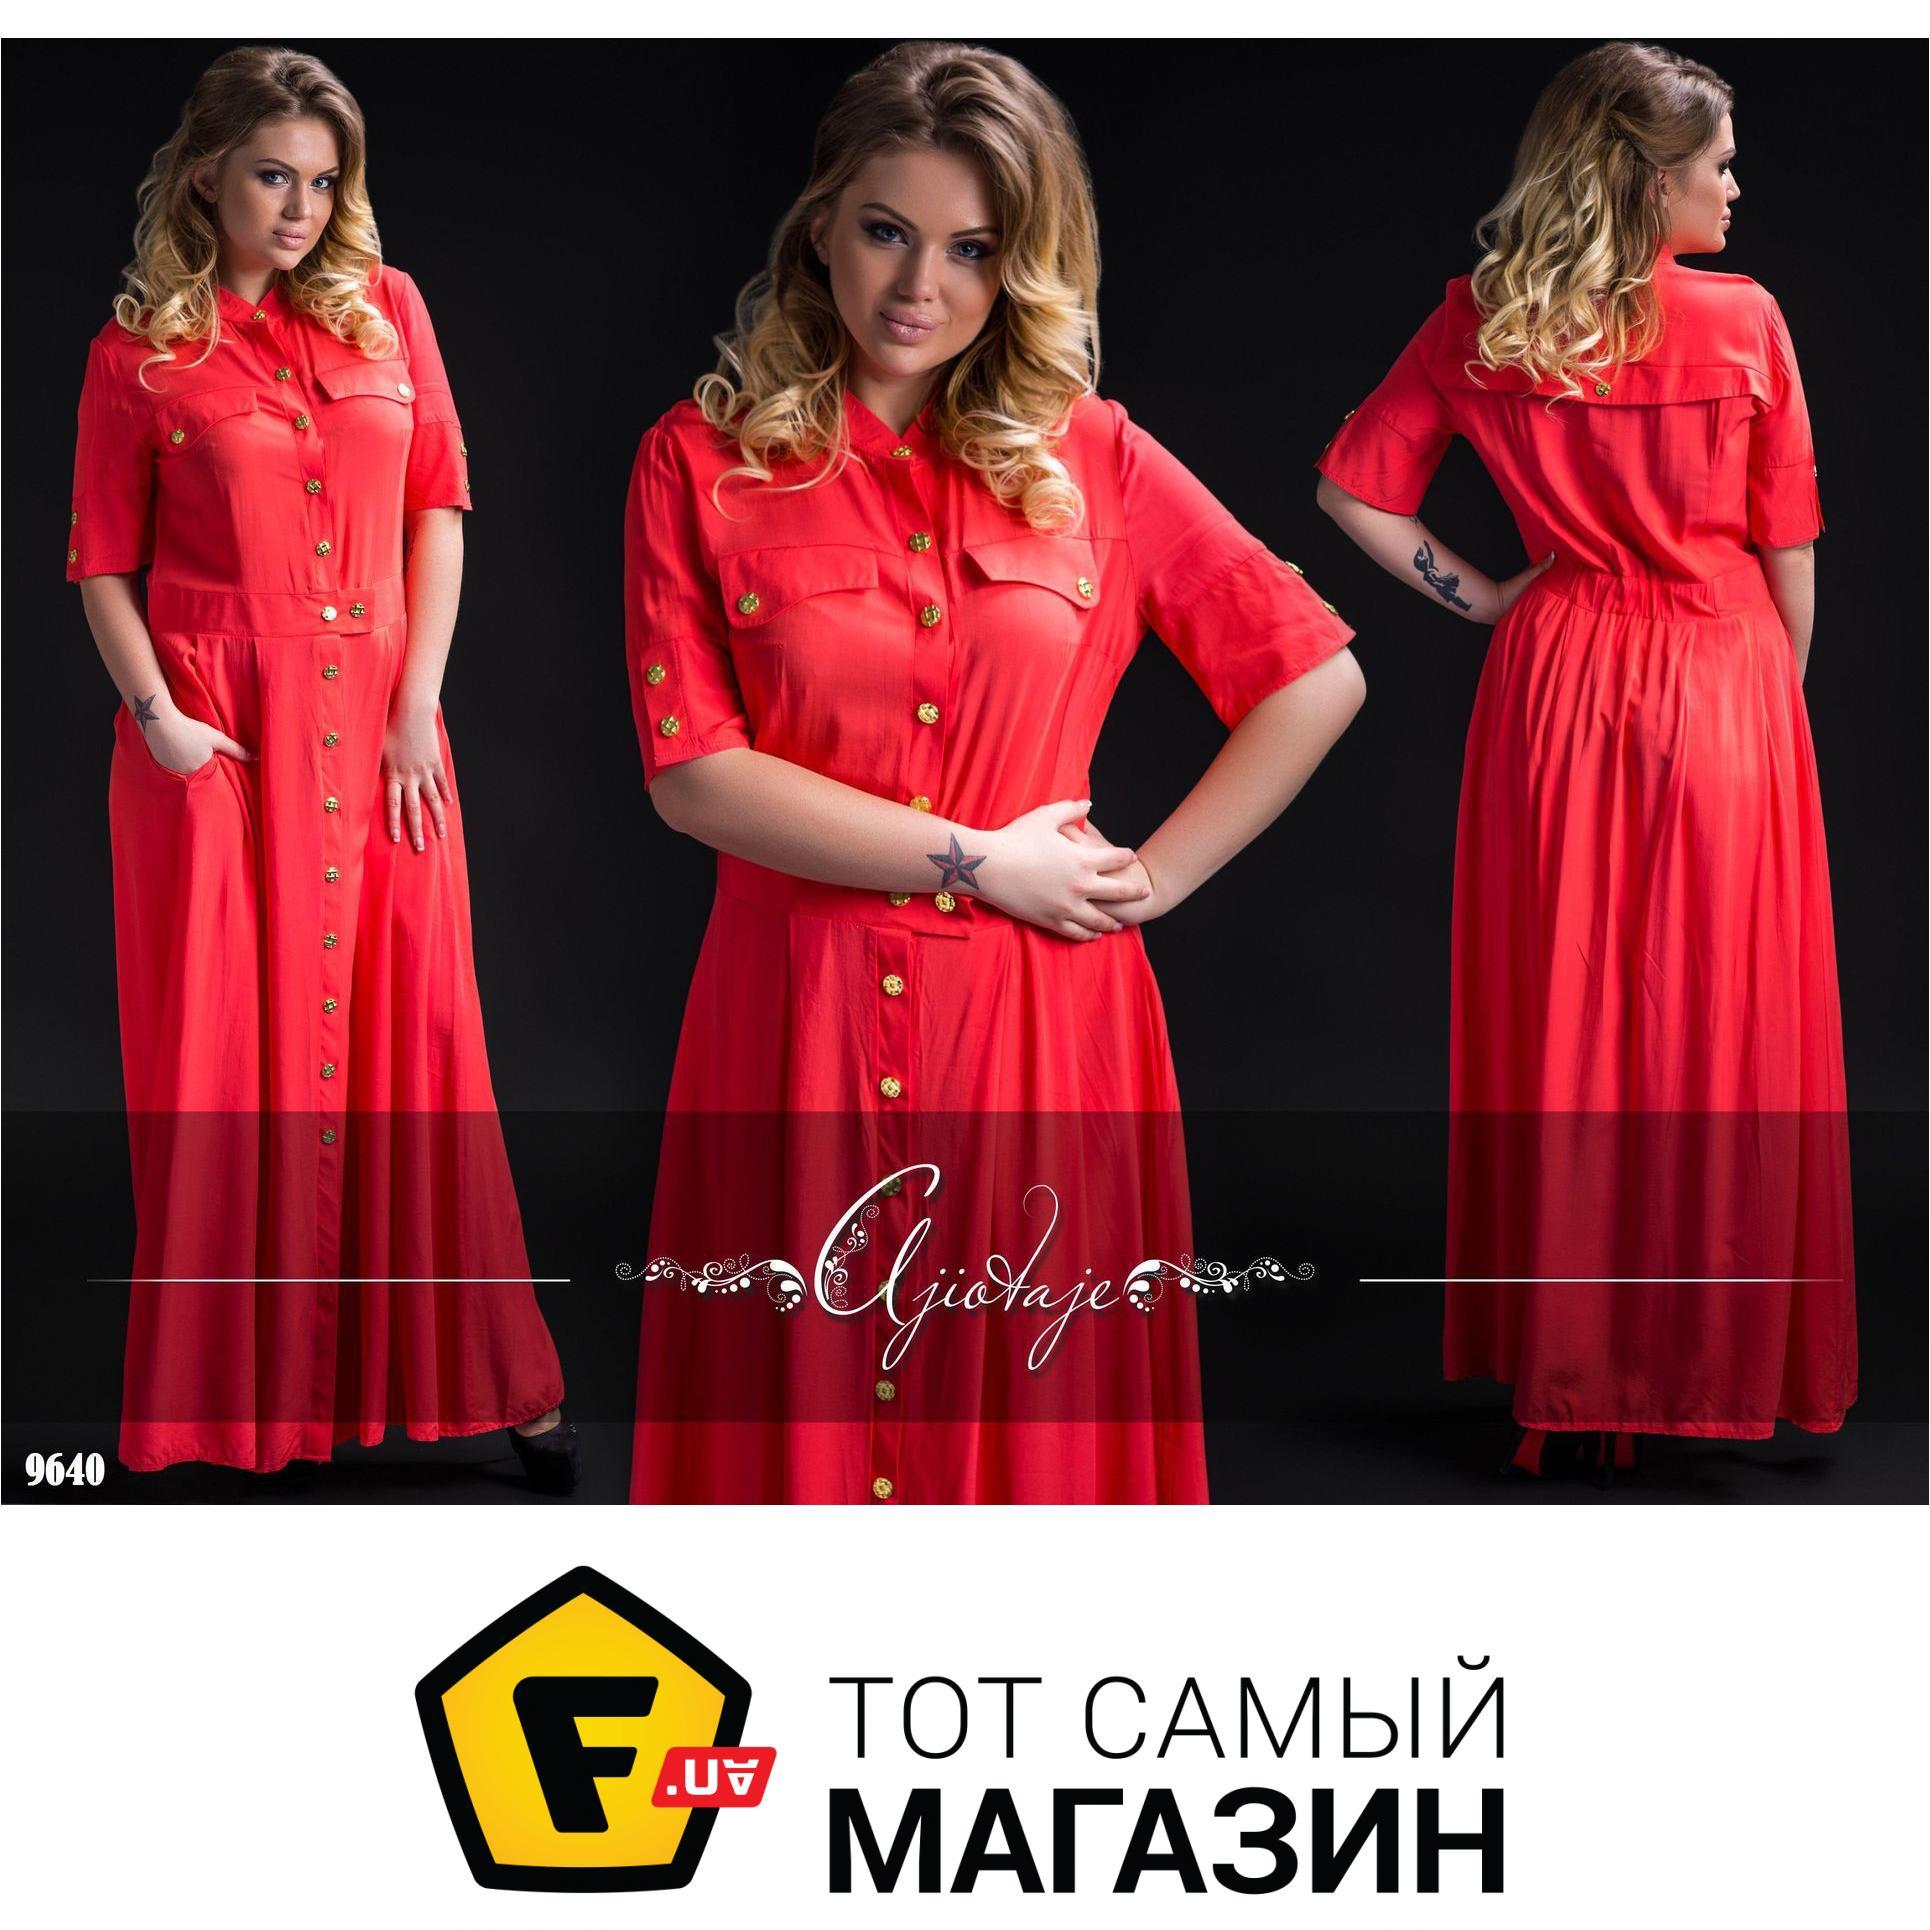 94faf6714e906c3 ᐈ AJIOTAJE Платье в пол на пуговицах коралловое, размер 52 ~ Купить ...